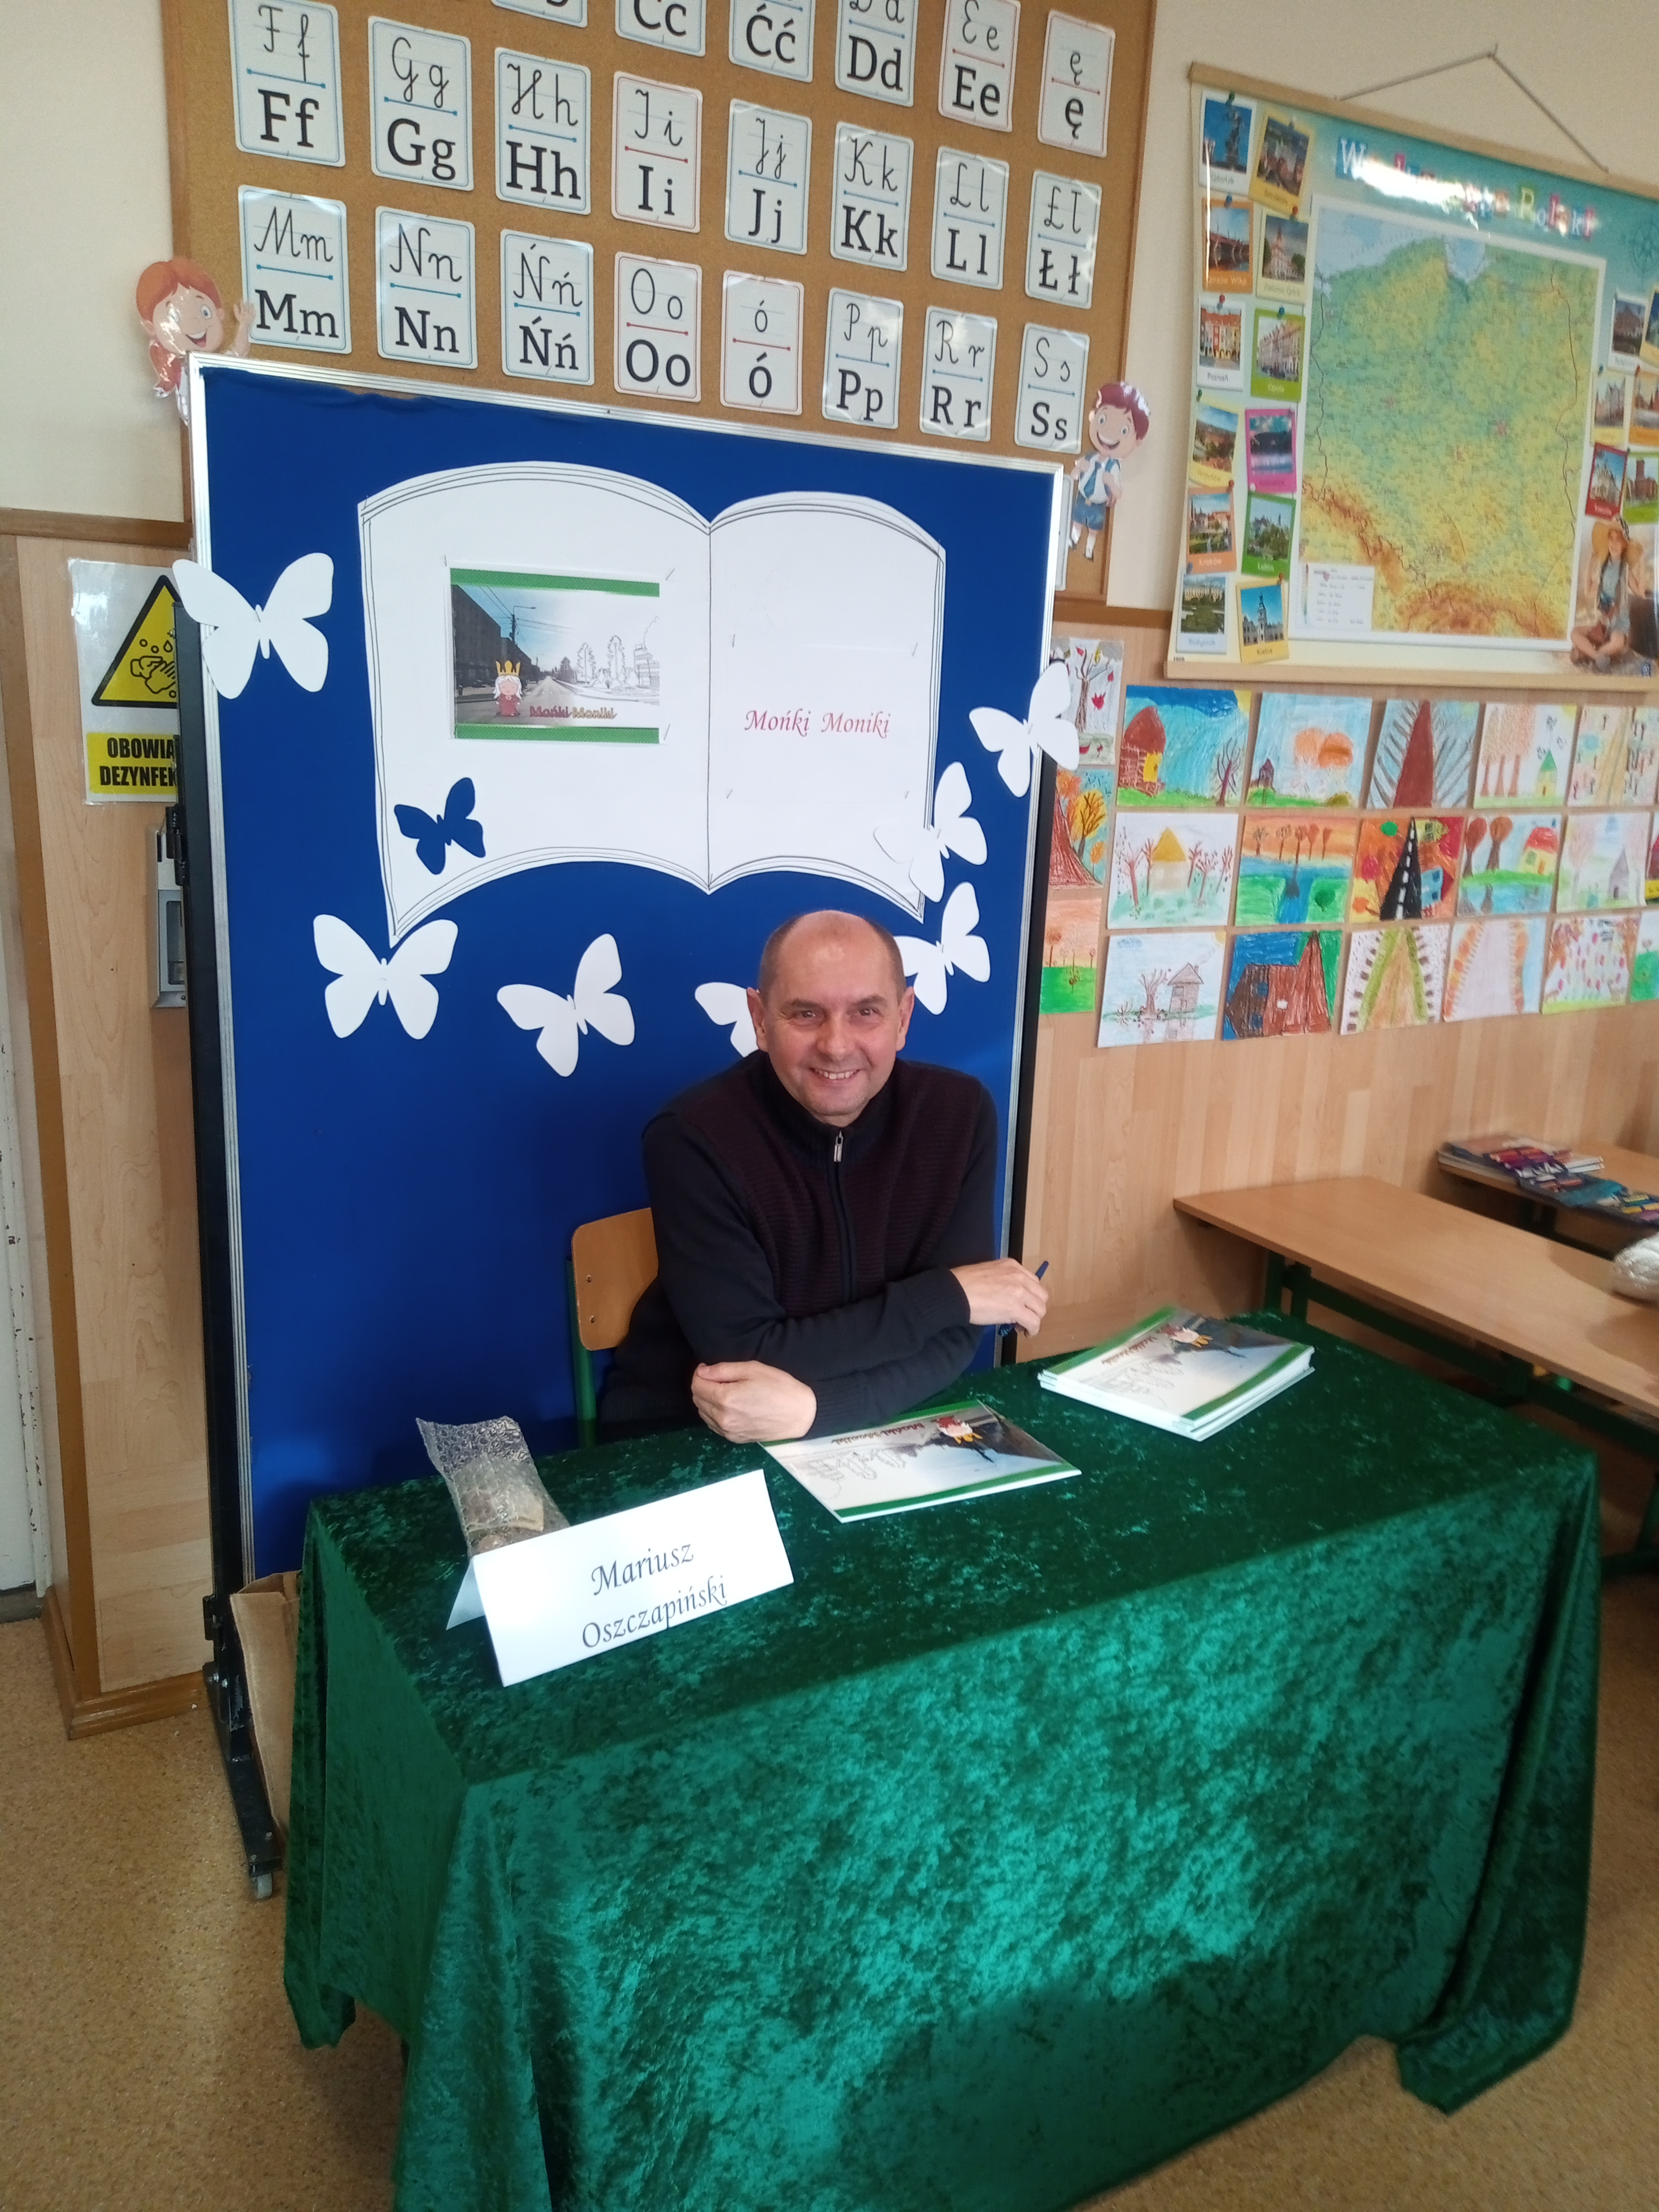 Spotkanie z panem Mariuszem Oszczapińskim autorem i ilustratorem książeczki edukacyjnej